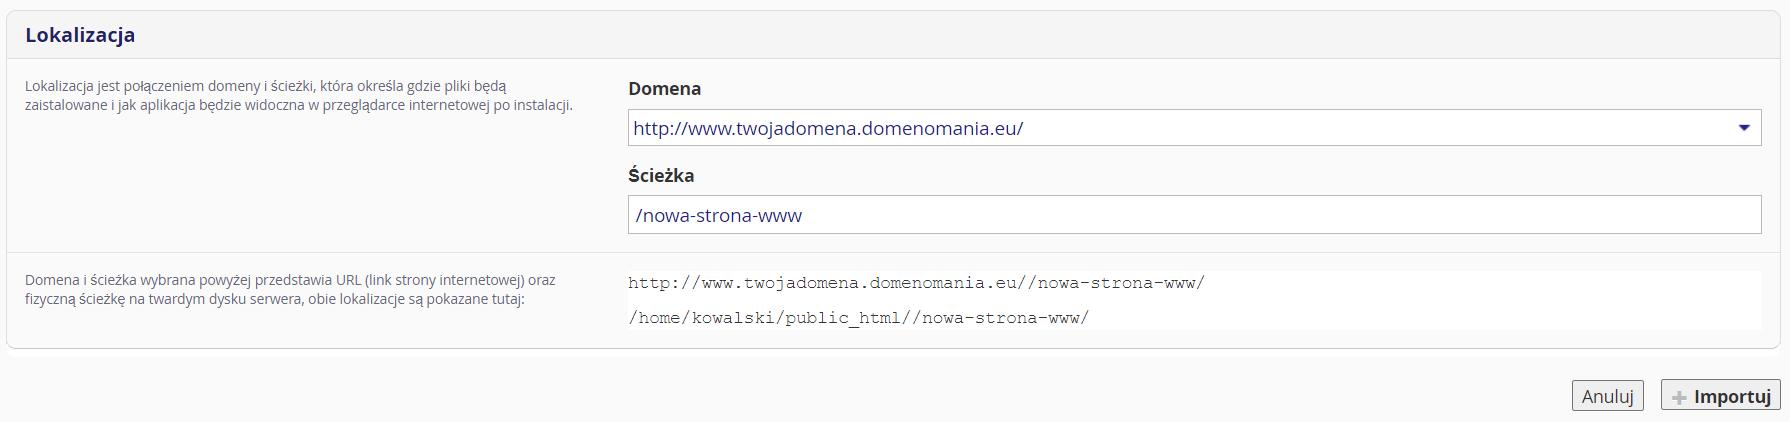 Podaj informacje o lokalizacji WordPress, którego chcesz zaimportować (domena i katalog na serwerze FTP).